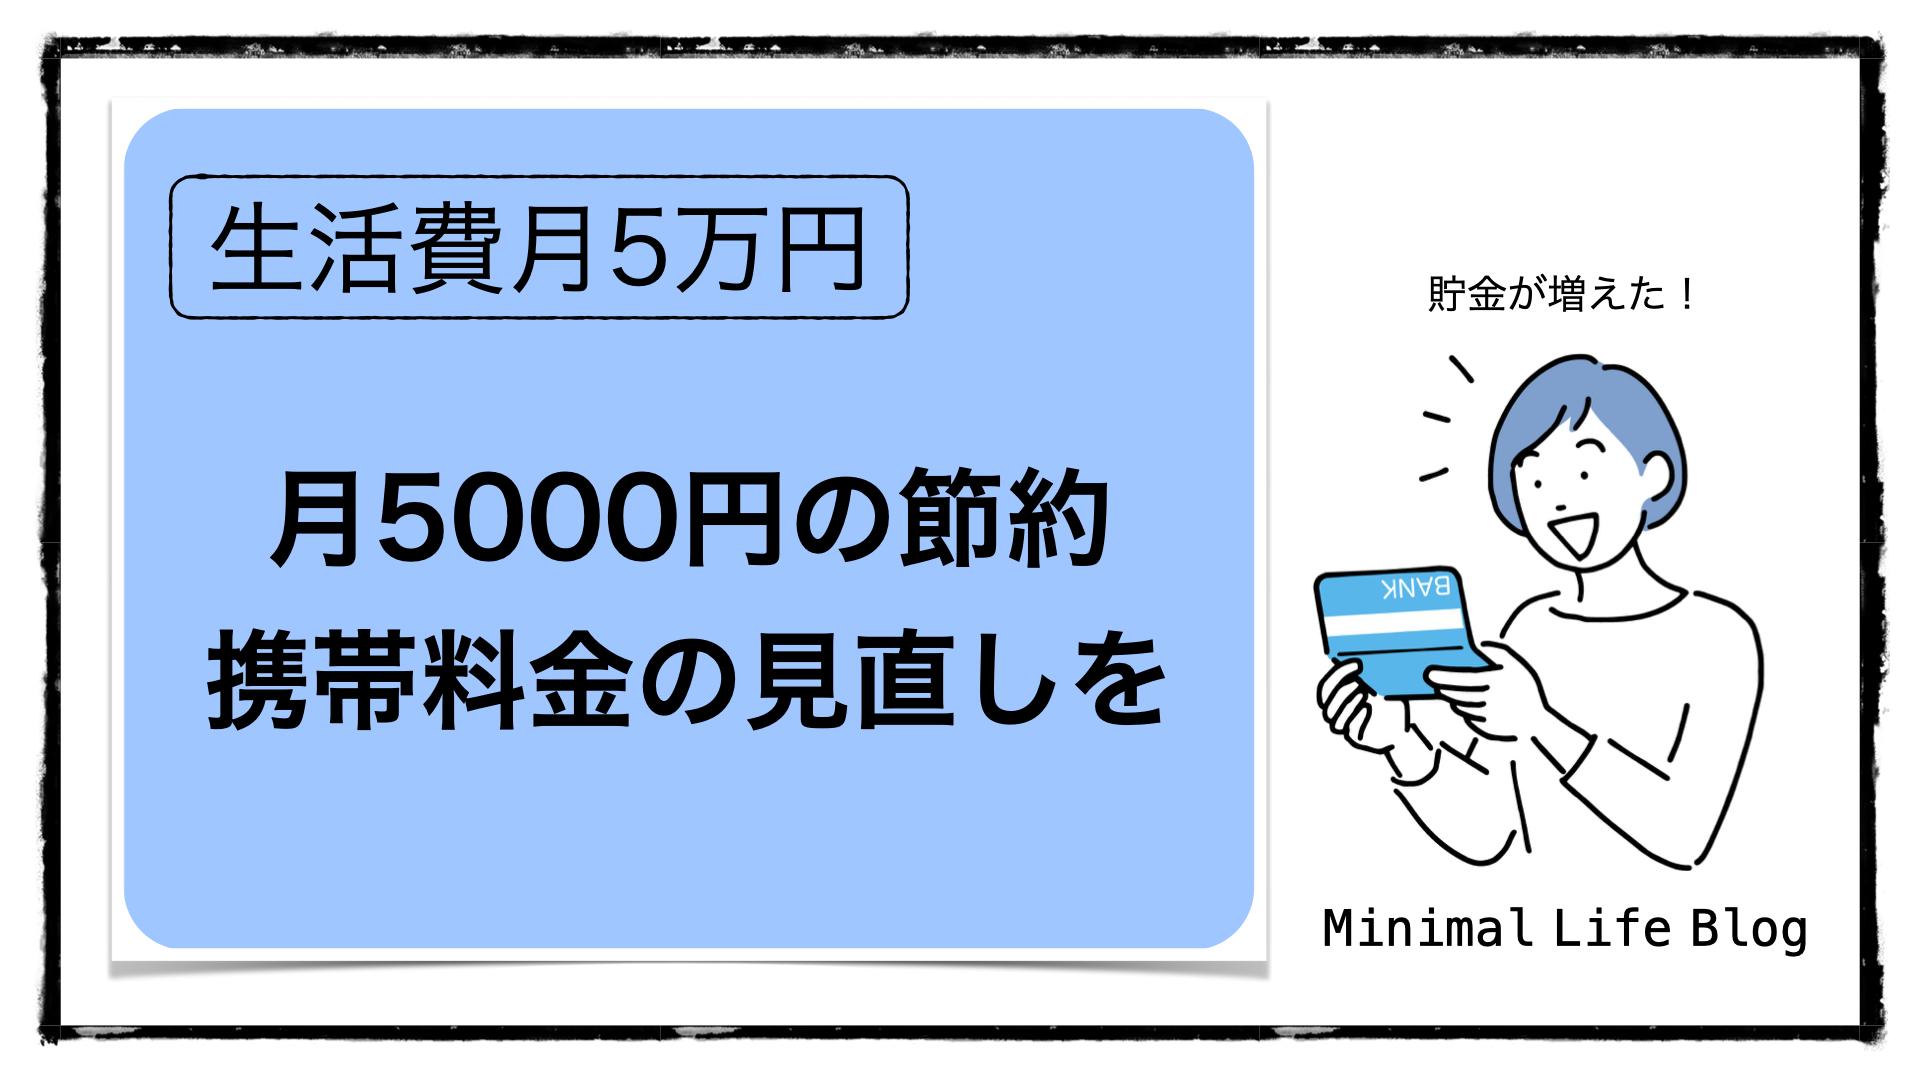 月5000円の節約。携帯料金の見直しを。